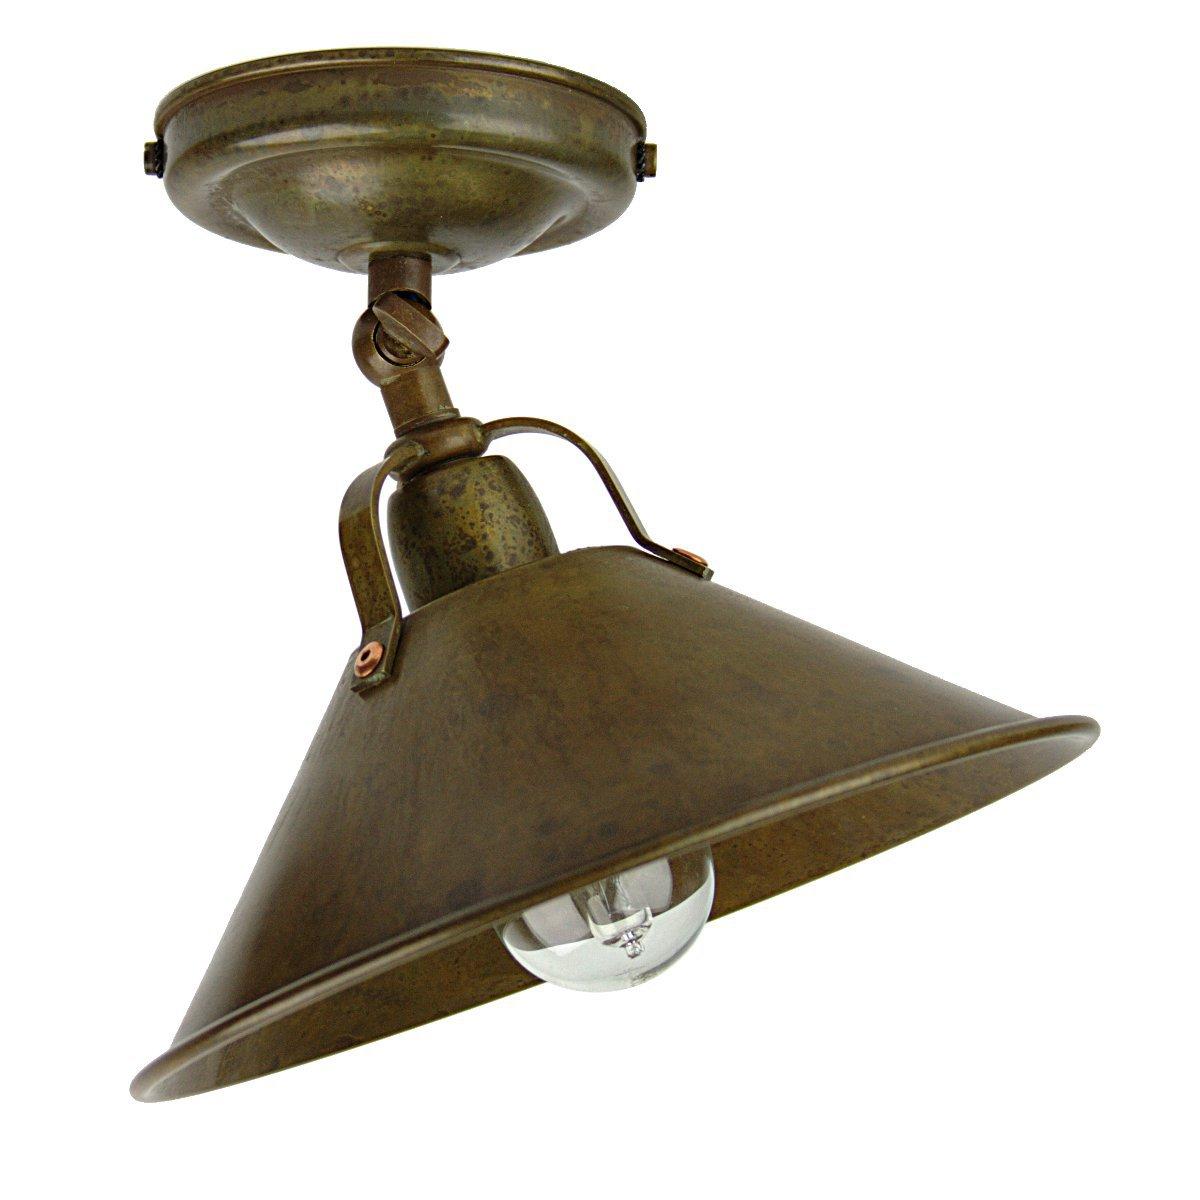 Landhausstil deckenlampe la cascina mit einstellbarem reflektor von il fanale - Deckenlampe rustikal ...